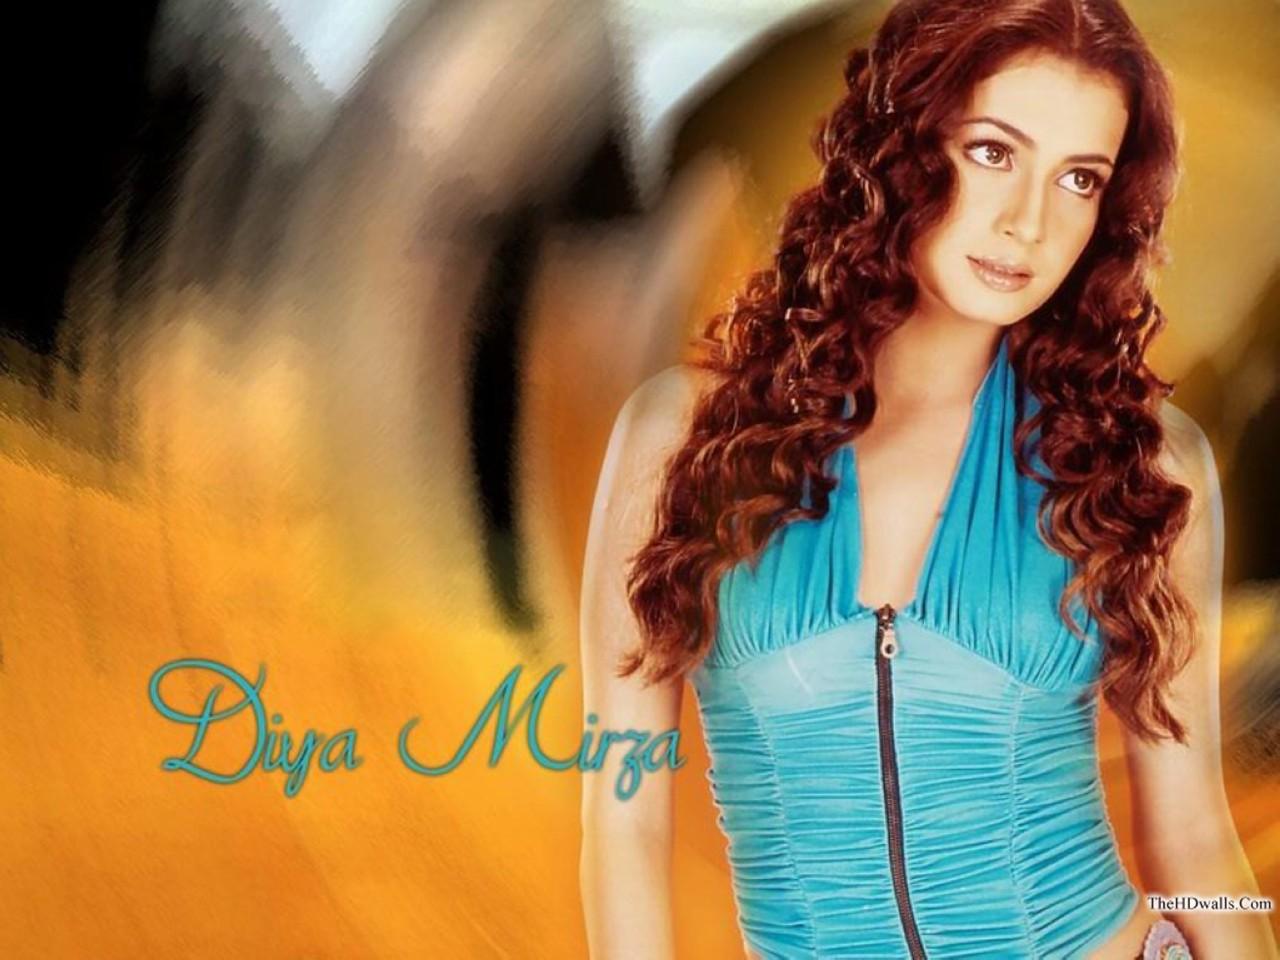 Bollywood Diya Mirza Wallpapers 5 images Adkvnbr6